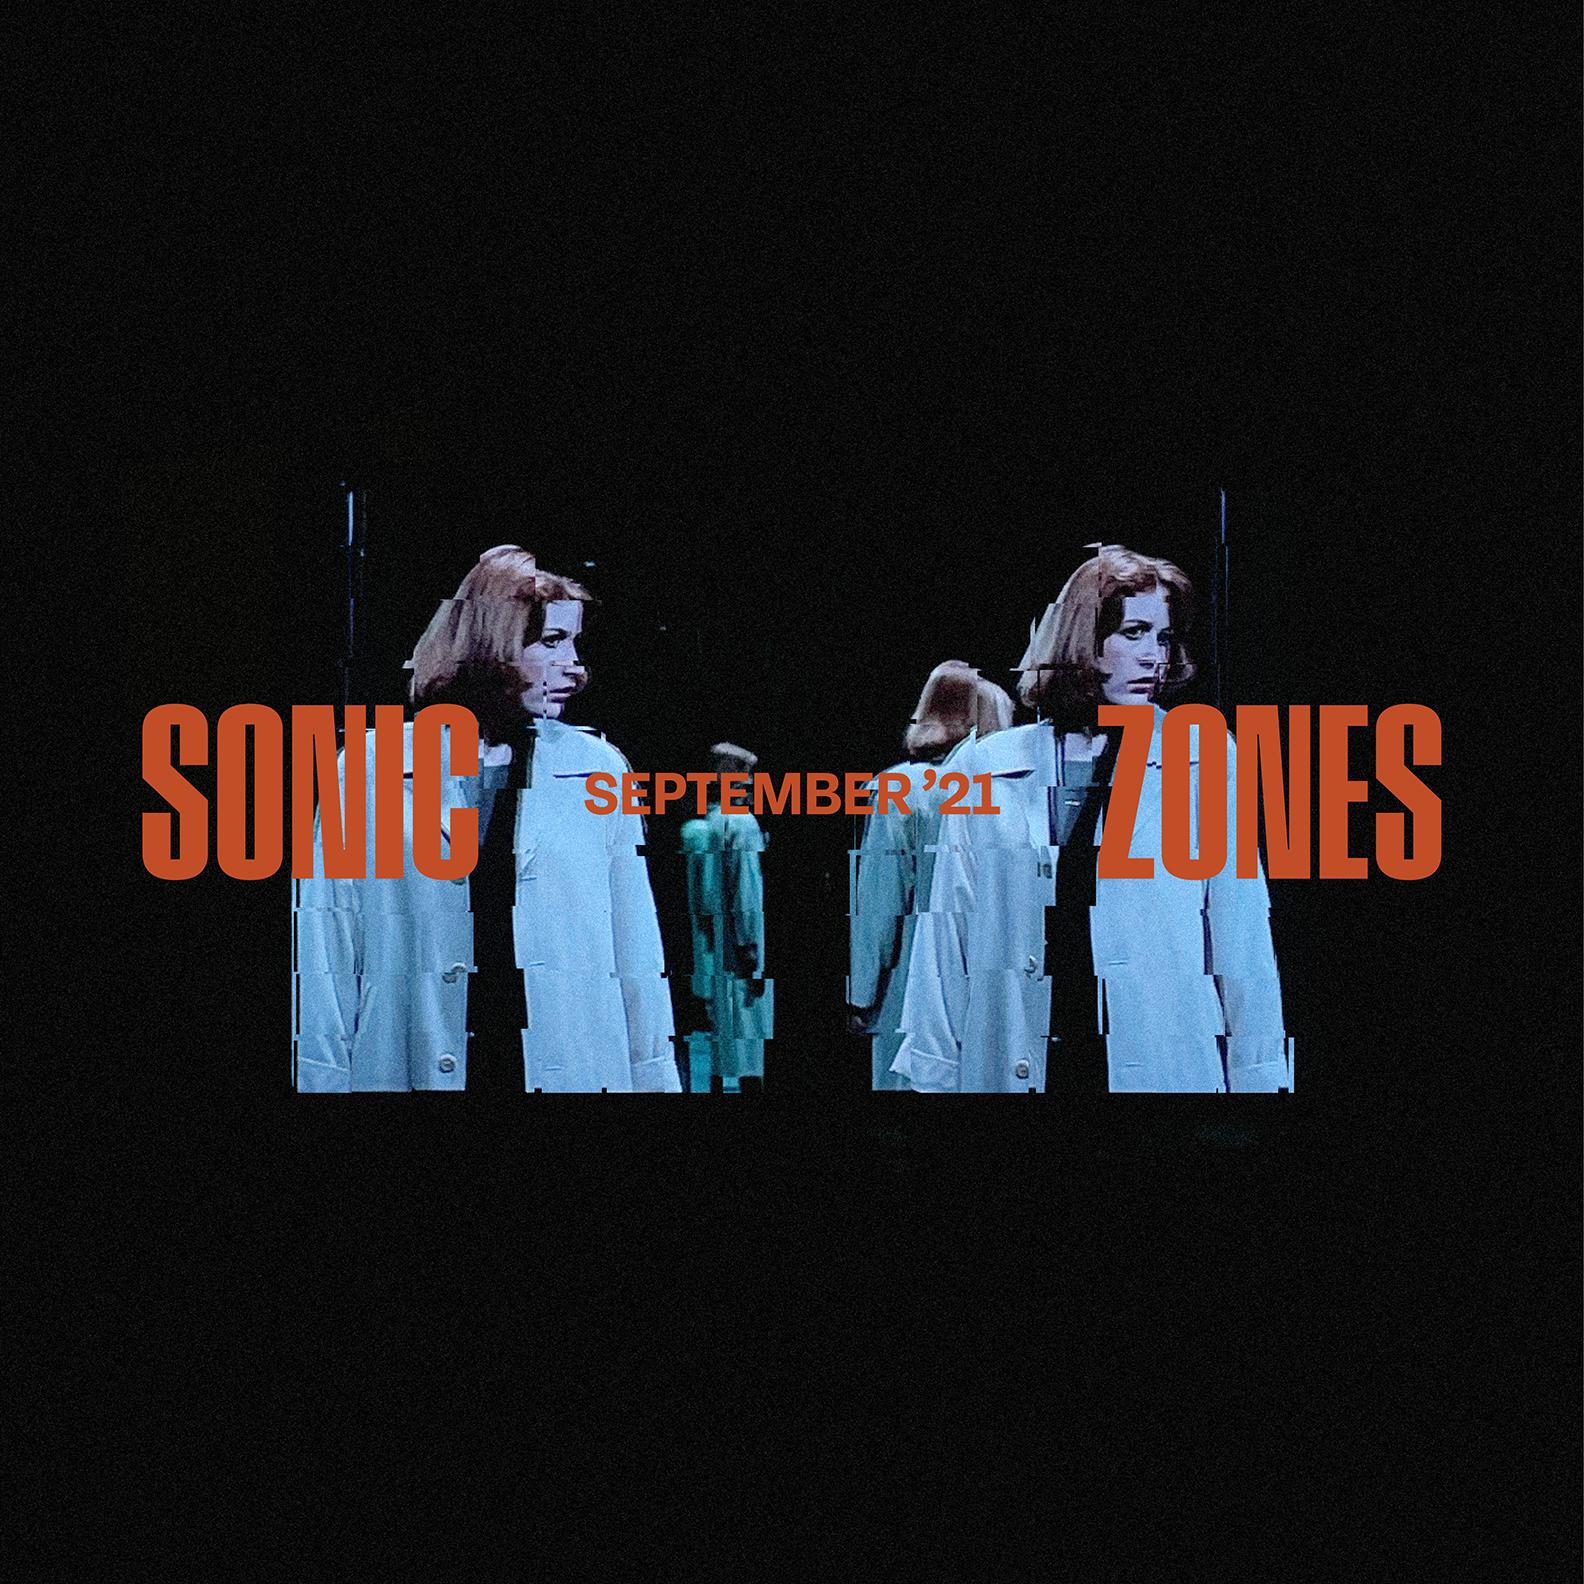 Sonic—Zones